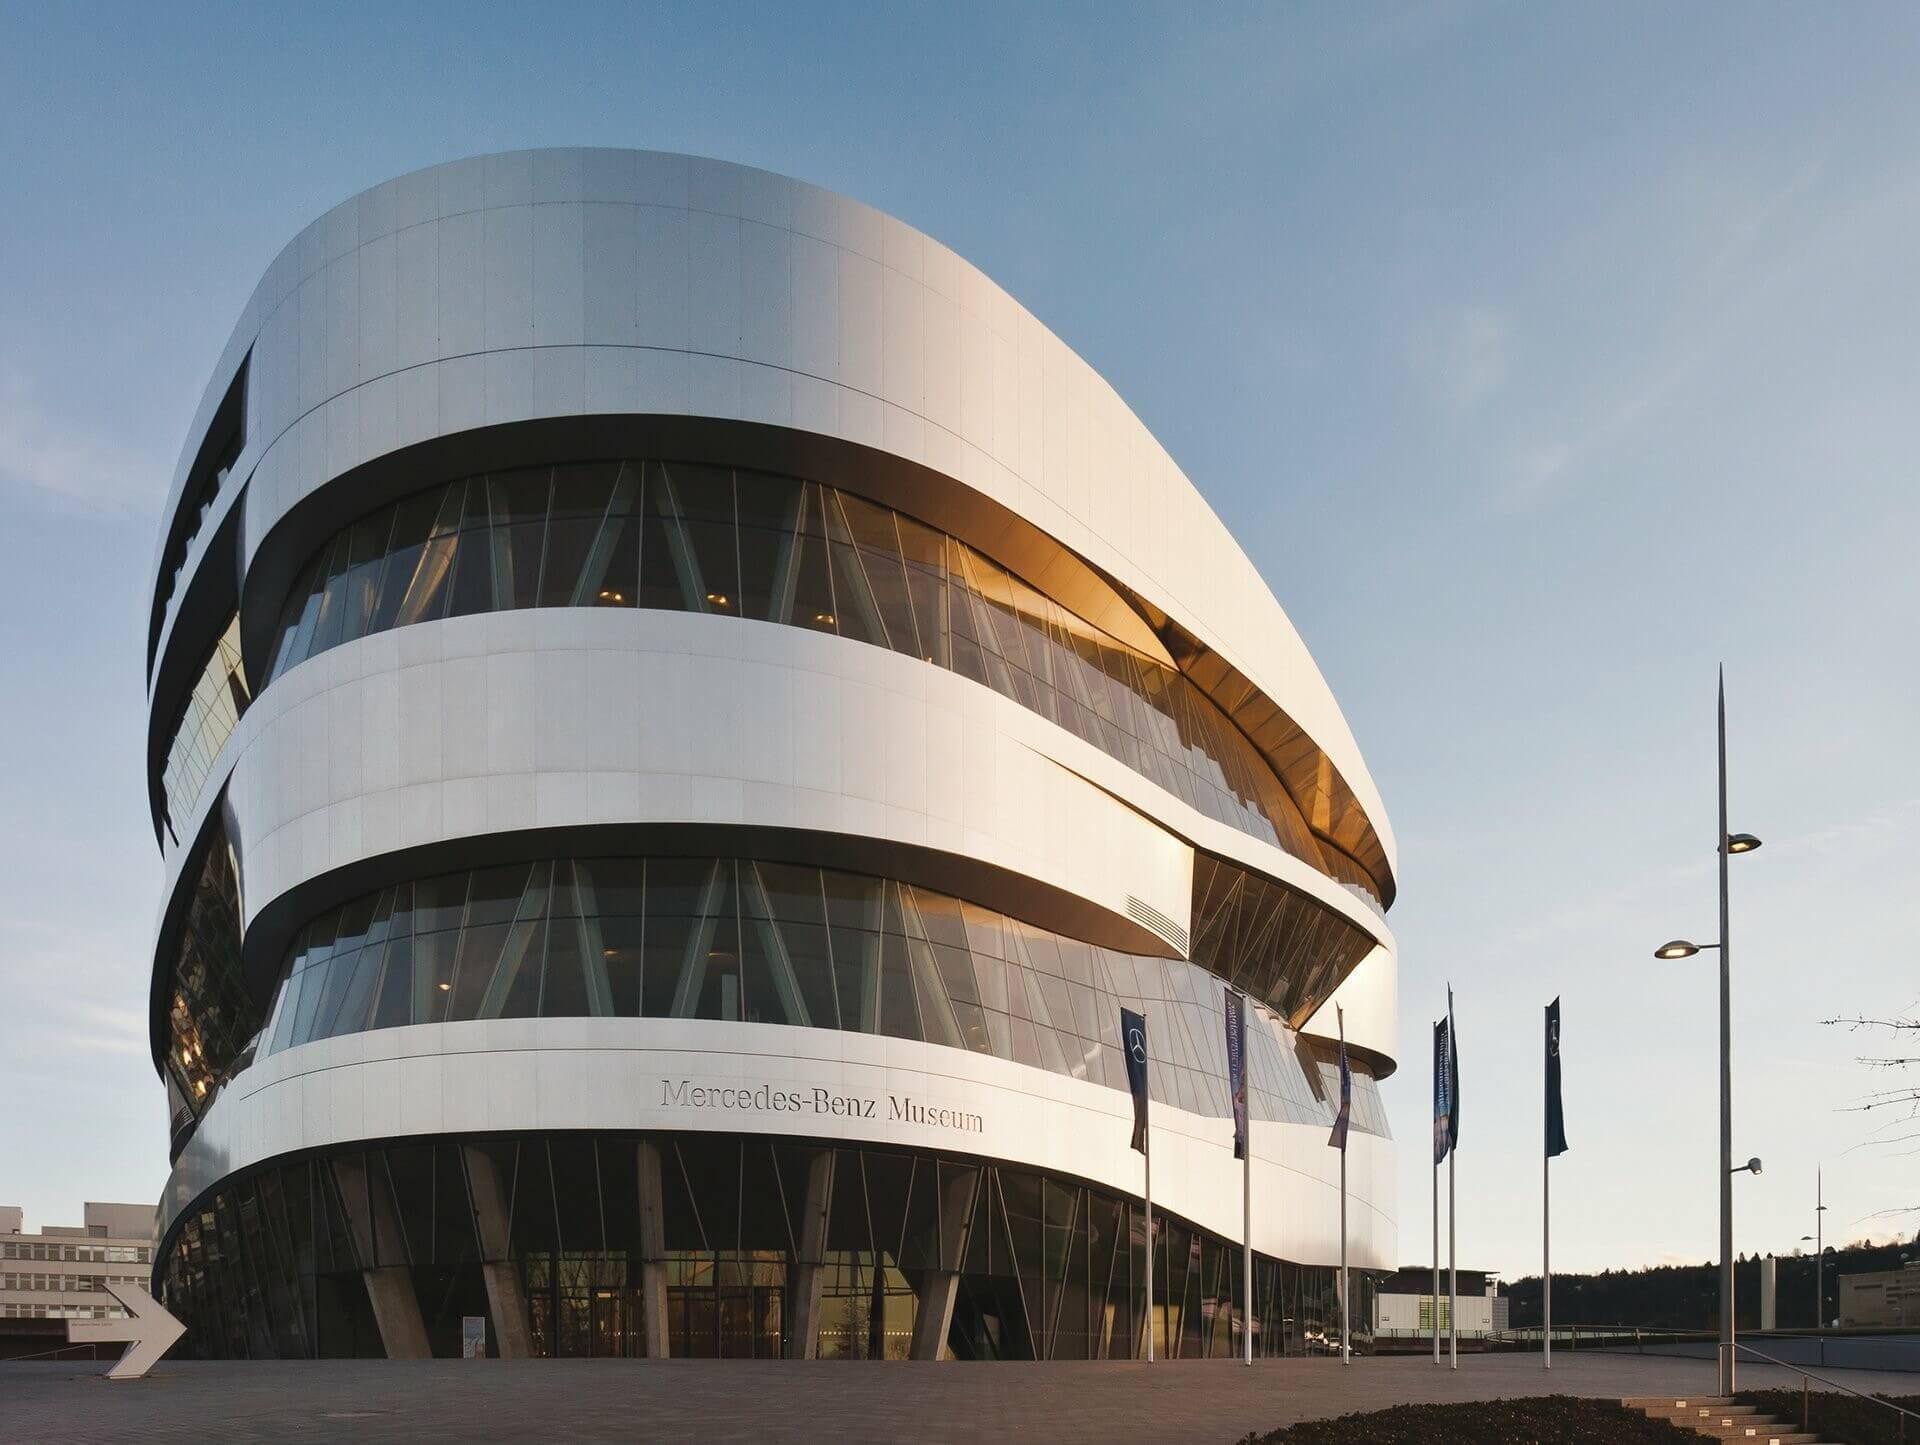 Το επιβλητικό κτίριο του μουσείου Mercedes-Benz στη Στουτγάρδη